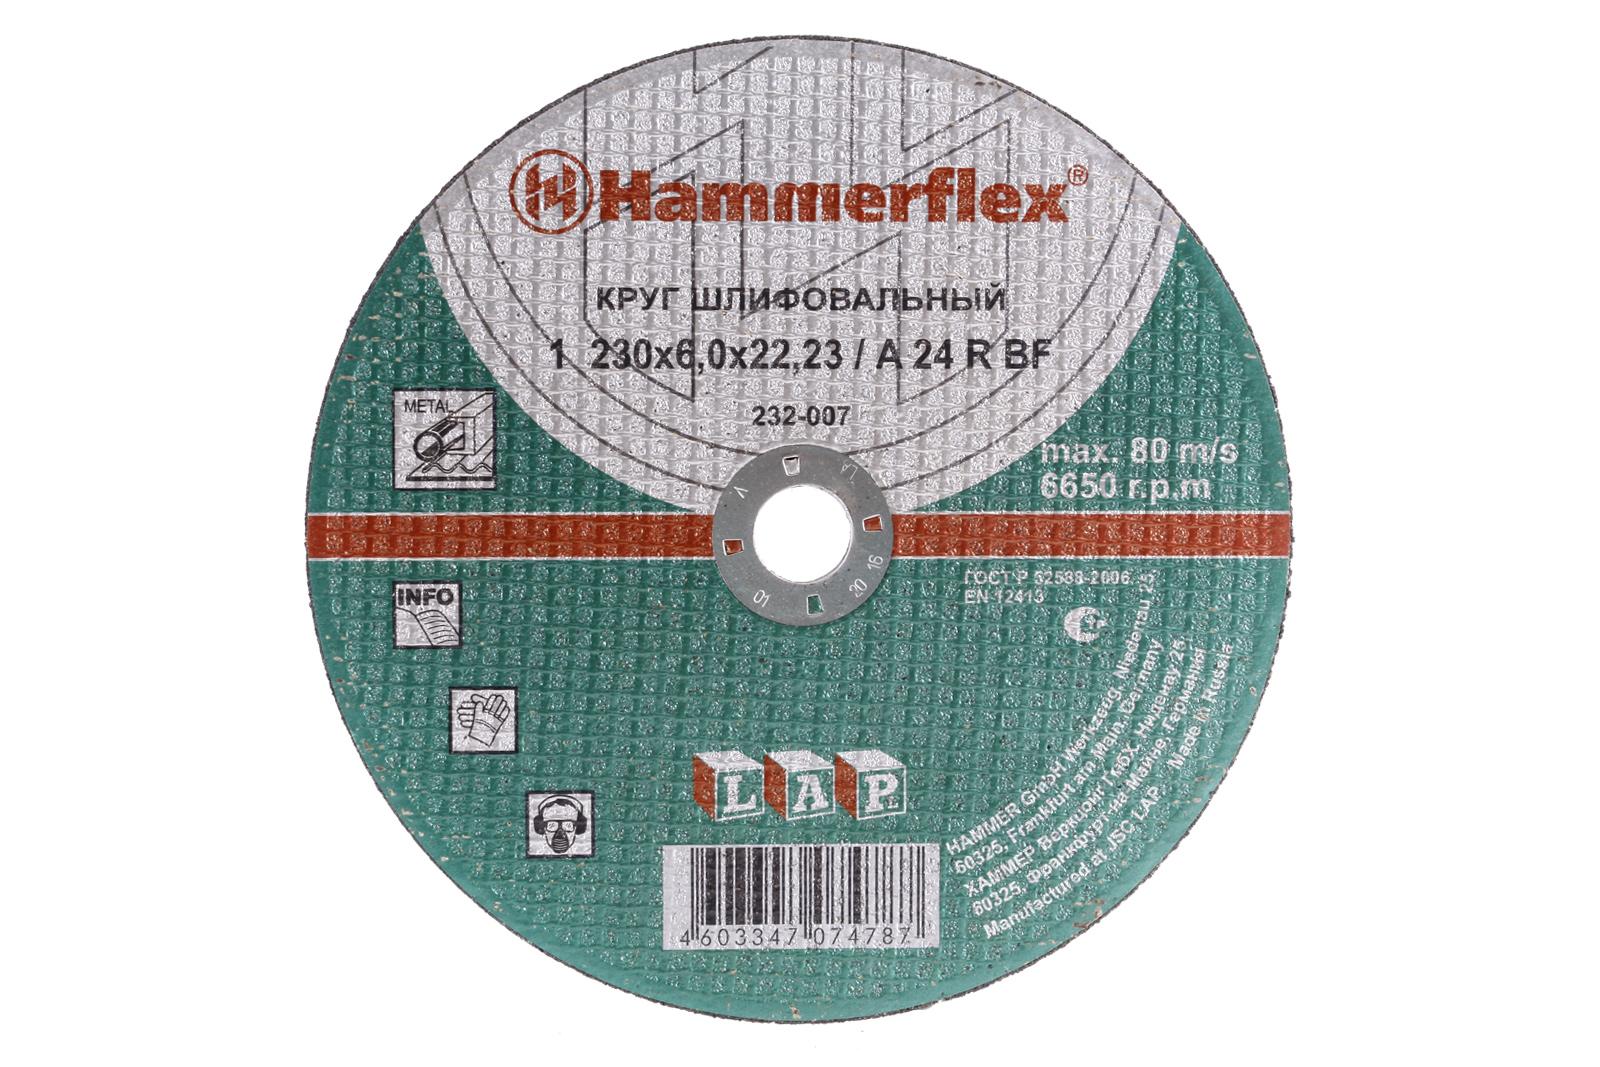 Круг зачистной Hammer 230 x 6.0 x 22 по металлу 10шт круг отрезной hammer 150 x 2 0 x 22 по металлу коробка 200шт